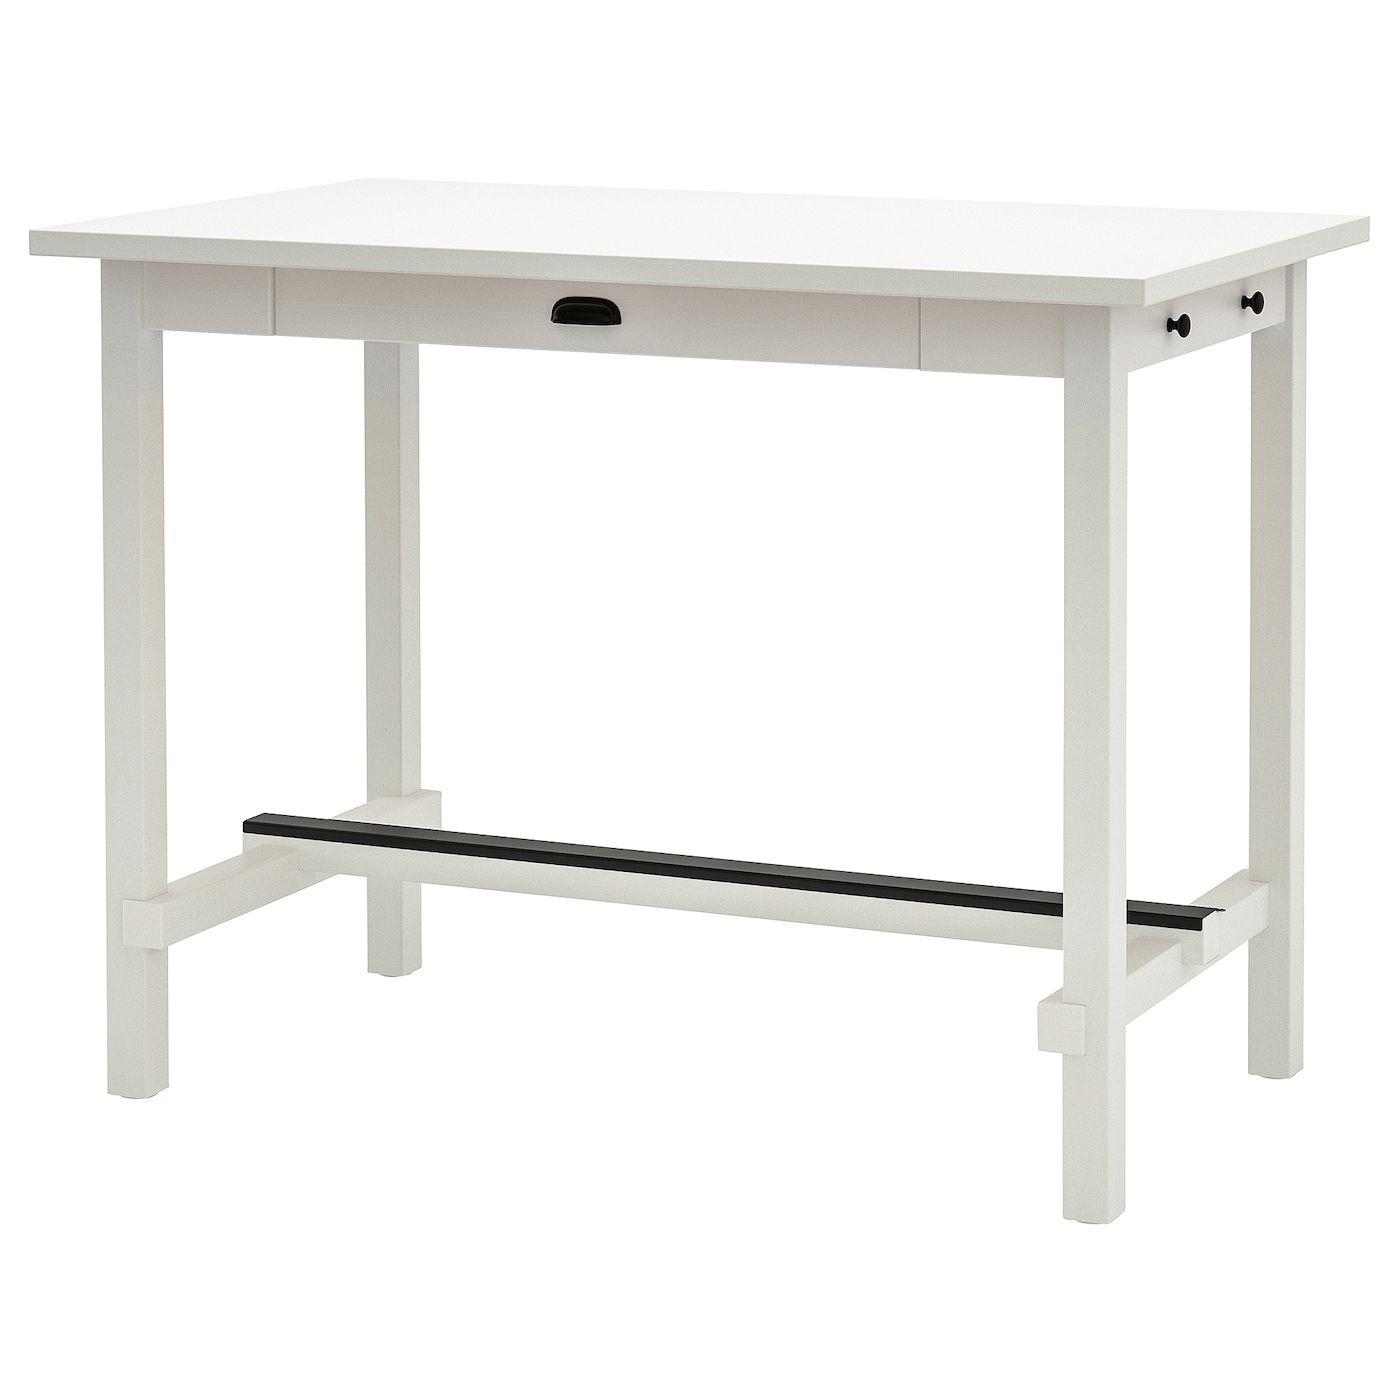 Nordviken Bar Table White 55 1 8x31 1 2 Ikea In 2020 Bar Table Ikea Bar Table Ikea